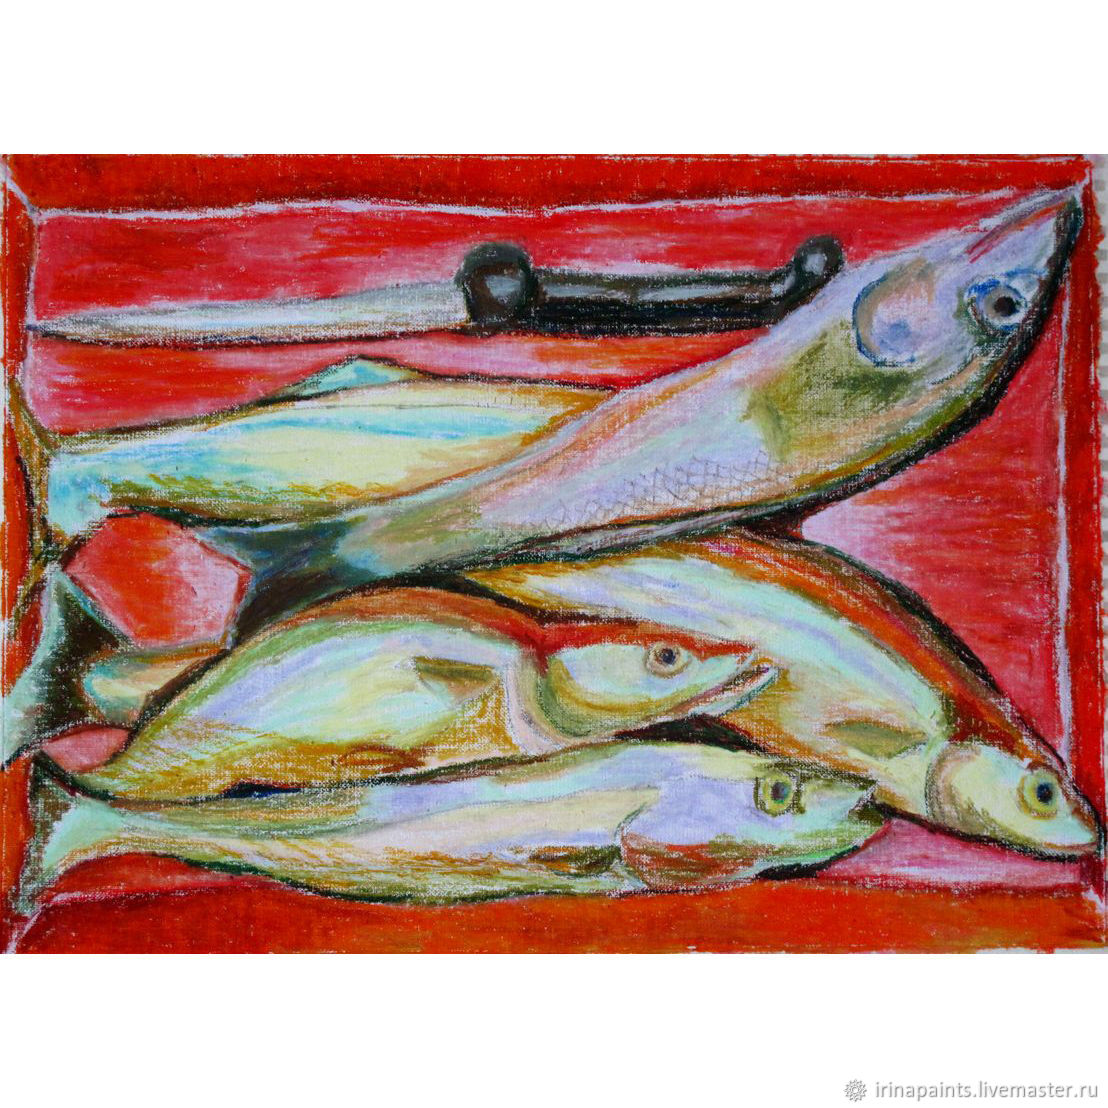 Рыбы в красном, Картины, Москва,  Фото №1